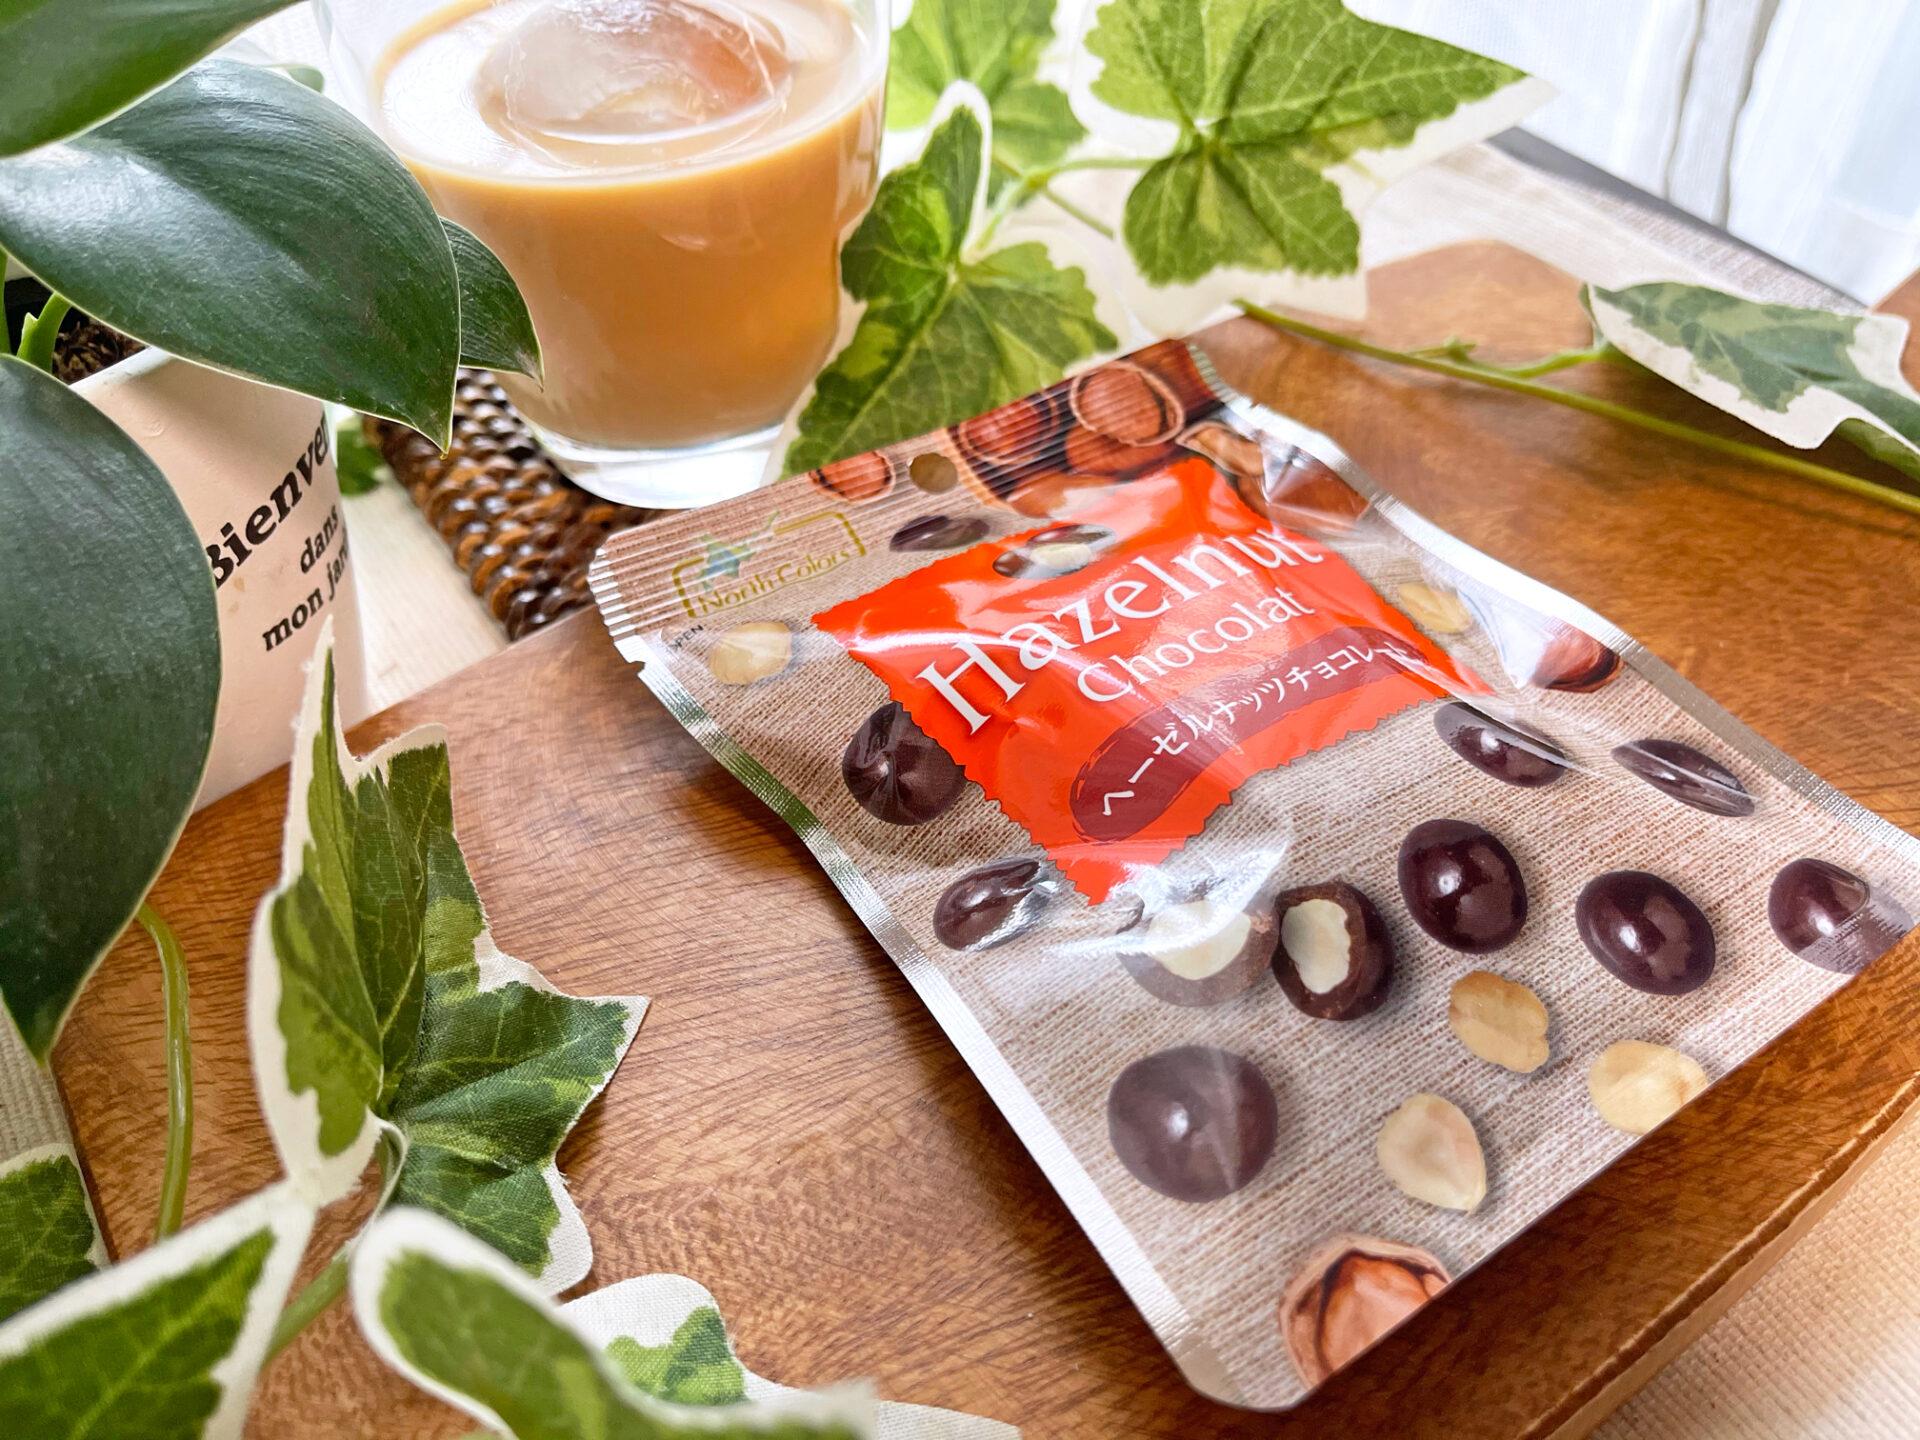 ノースカラーズ『ヘーゼルナッツチョコレート』